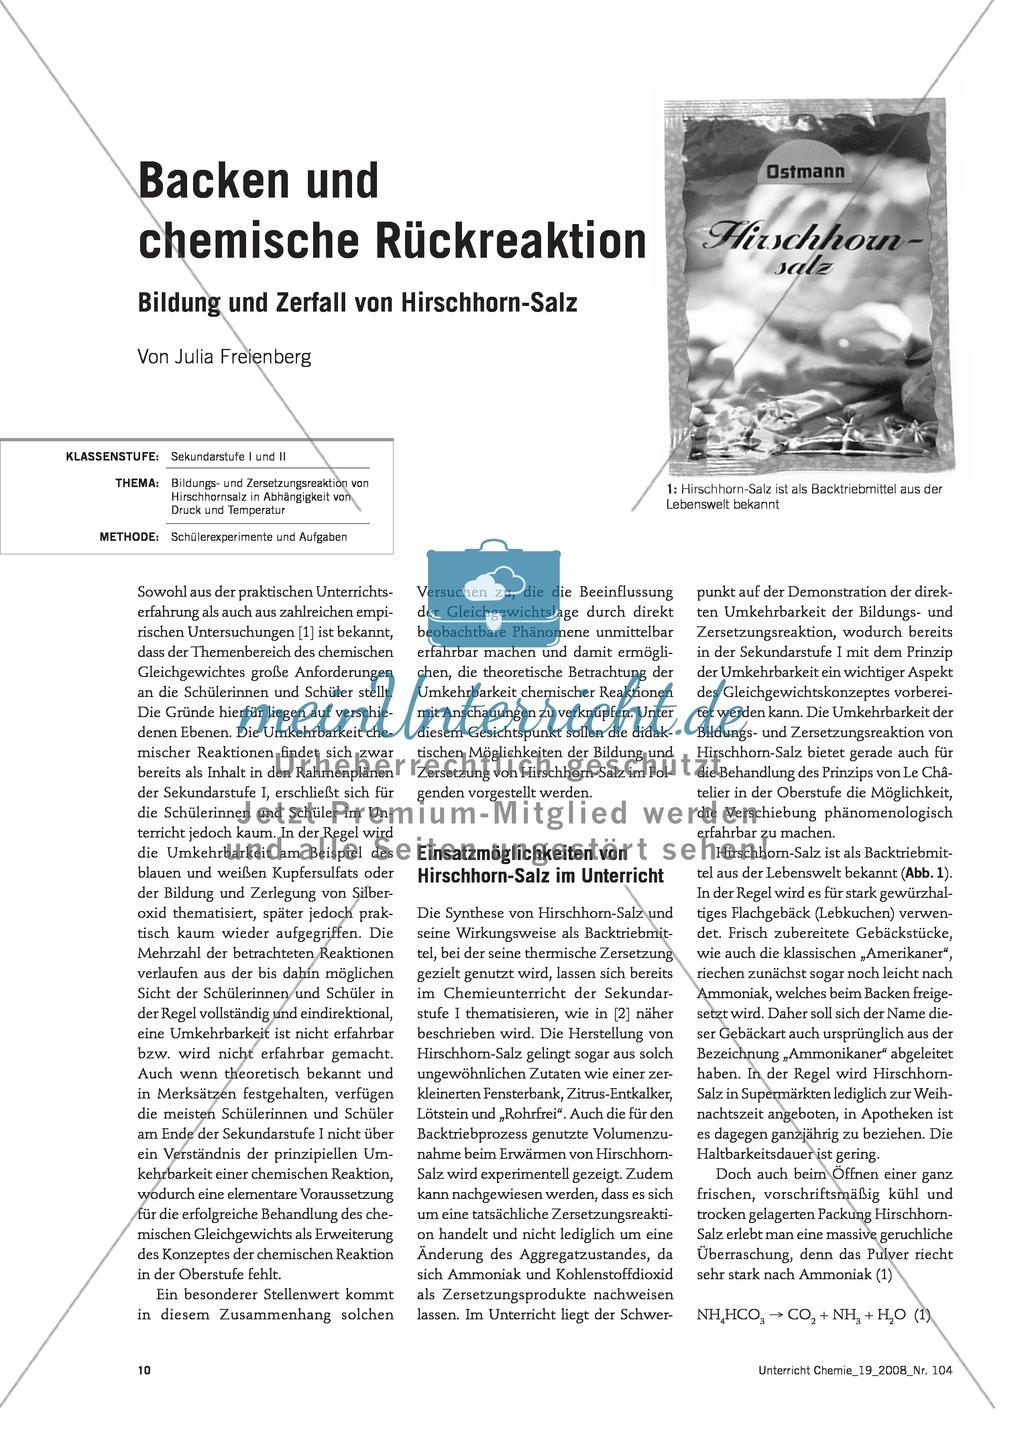 Bildungs- und Zersetzungsreaktion von Hirschhornsalz Preview 0